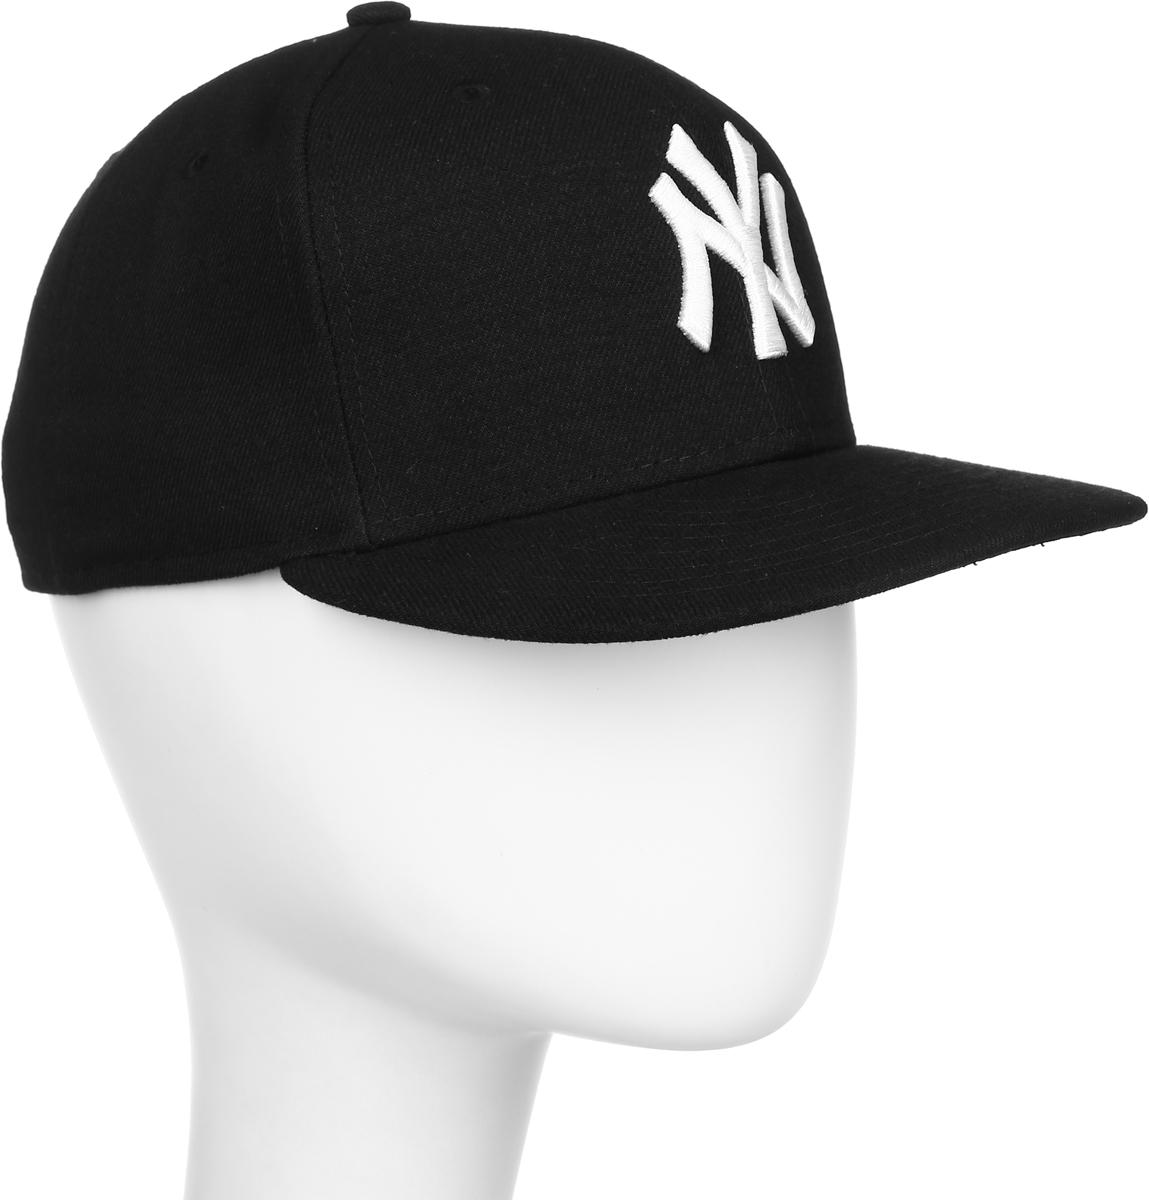 Бейсболка New Era 59fifty League Basic, цвет: черный, белый. 11277712-BLKWHT. Размер 7 1/2 (59)11277712-BLKWHTСтильная бейсболка New Era, выполненная из высококачественного материала, идеально подойдет для прогулок, занятий спортом и отдыха. Изделие оформлено объемным вышитым логотипом знаменитой бейсбольной команды New York Yankees и логотипом бренда New Era. Она надежно защитит вас от солнца и ветра. Эта модель станет отличным аксессуаром и дополнит ваш повседневный образ.